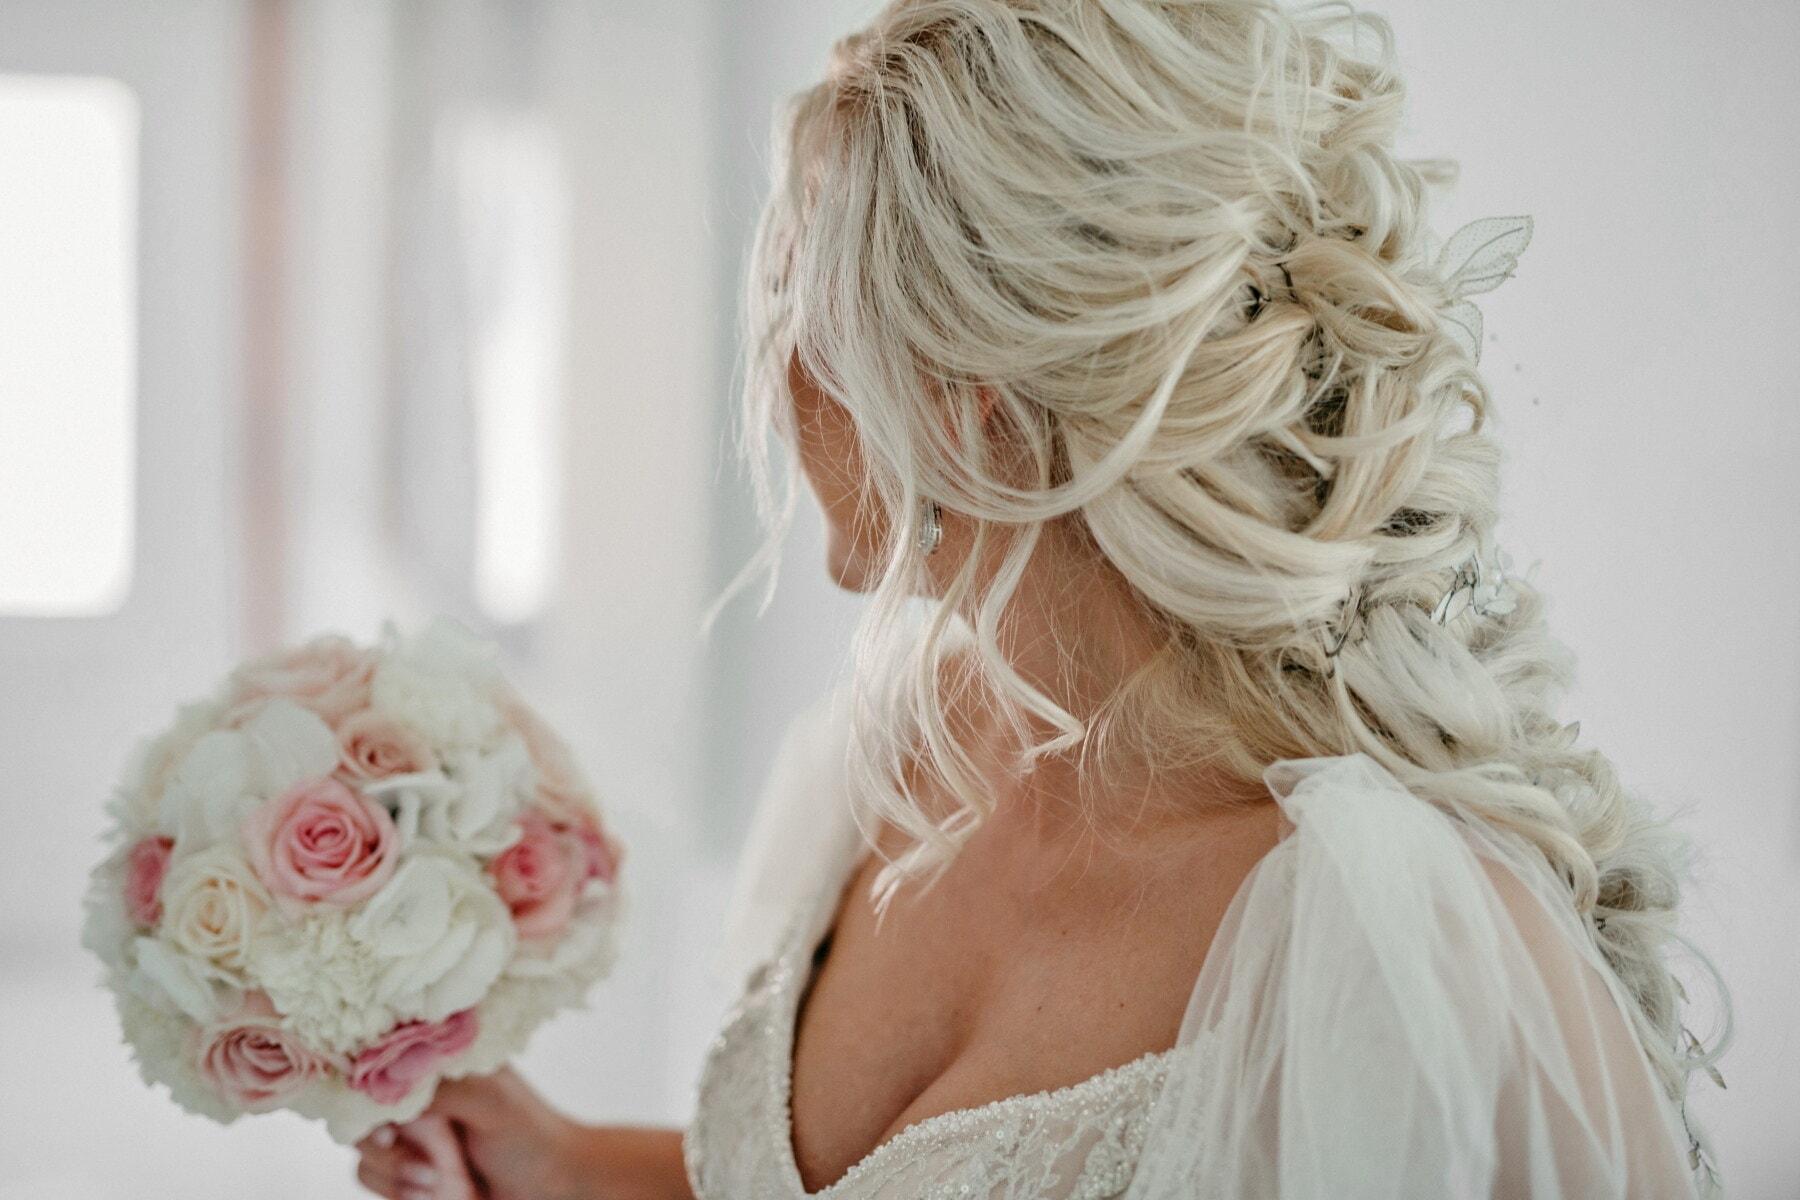 la mariée, cheveux blonds, coiffure, blonde, robe de mariée, bouquet de mariage, vue de côté, perruque, épaule, cheveux